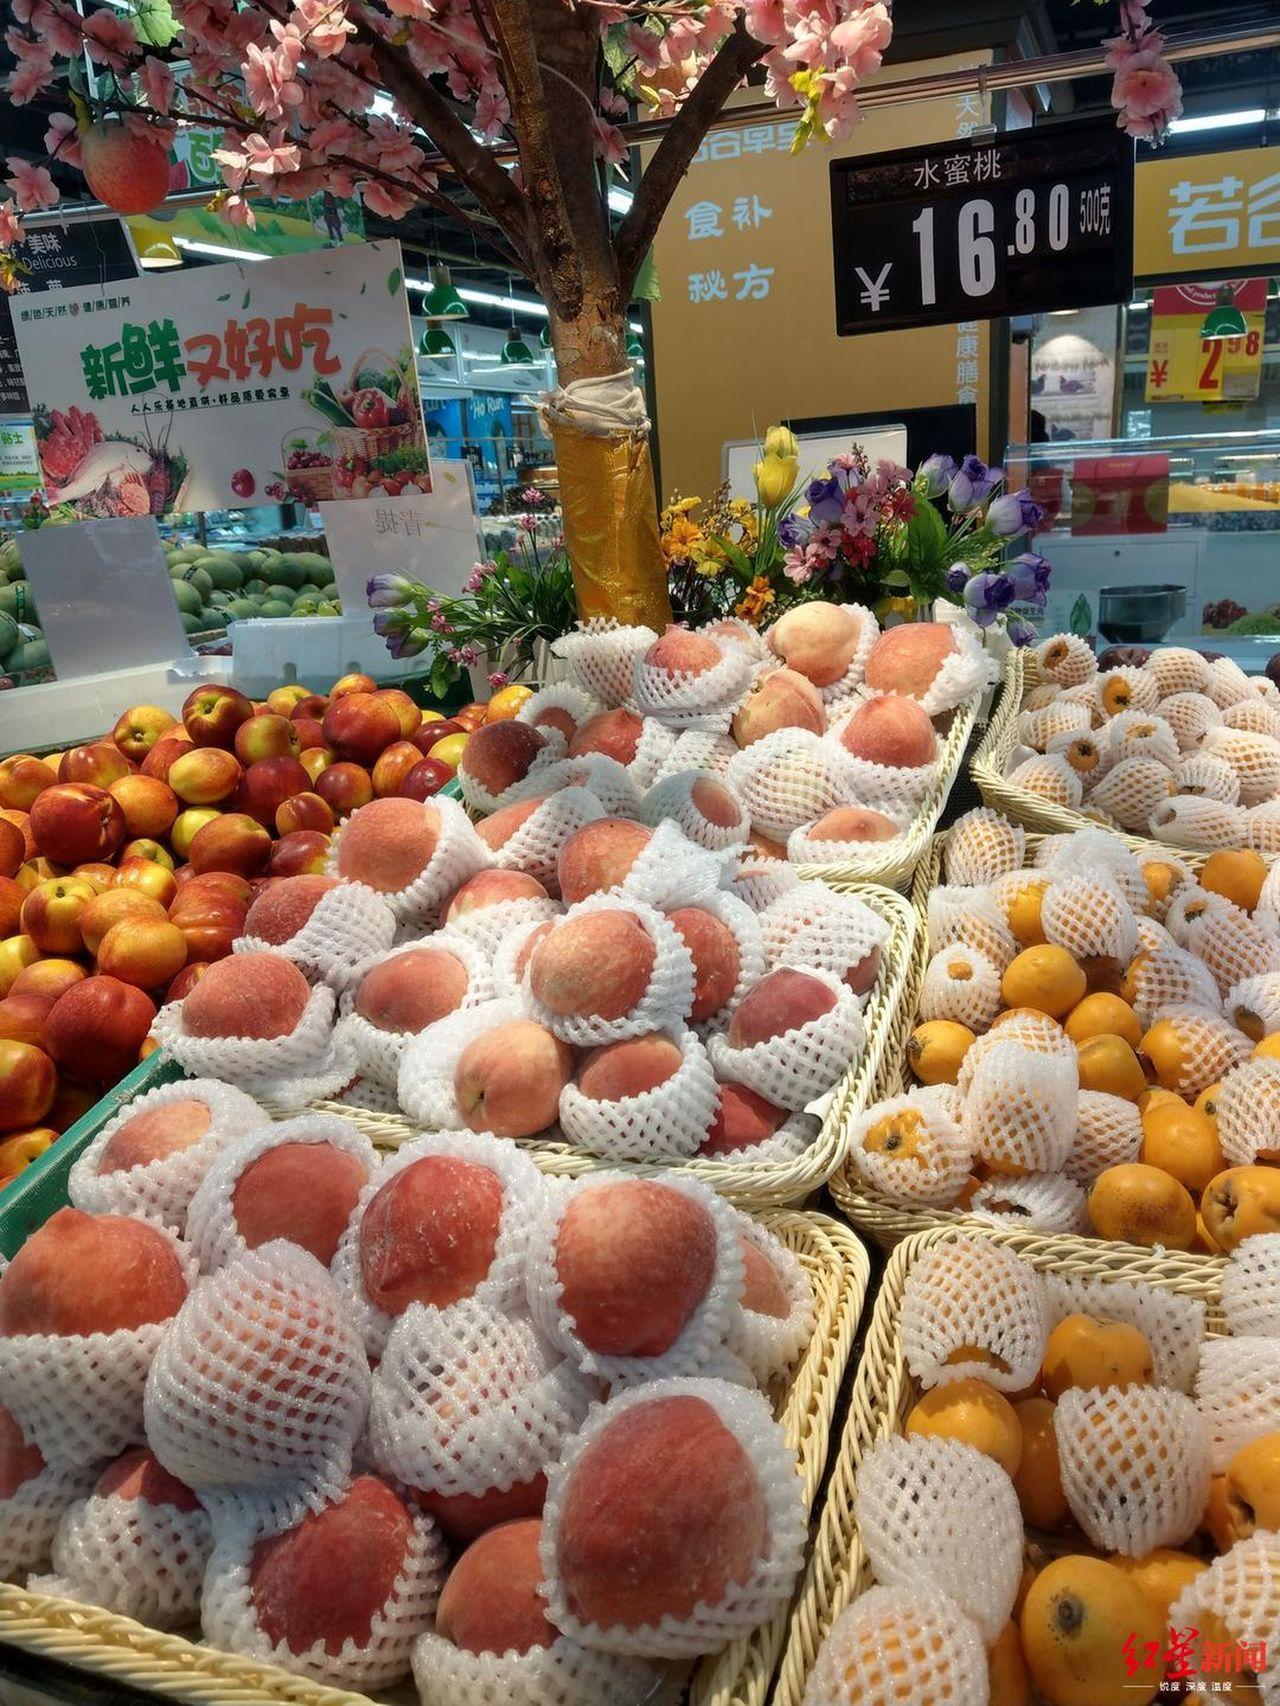 「荔枝自由」上熱搜,水果比肉貴…國家統計局回應了 (取材自紅星新聞)